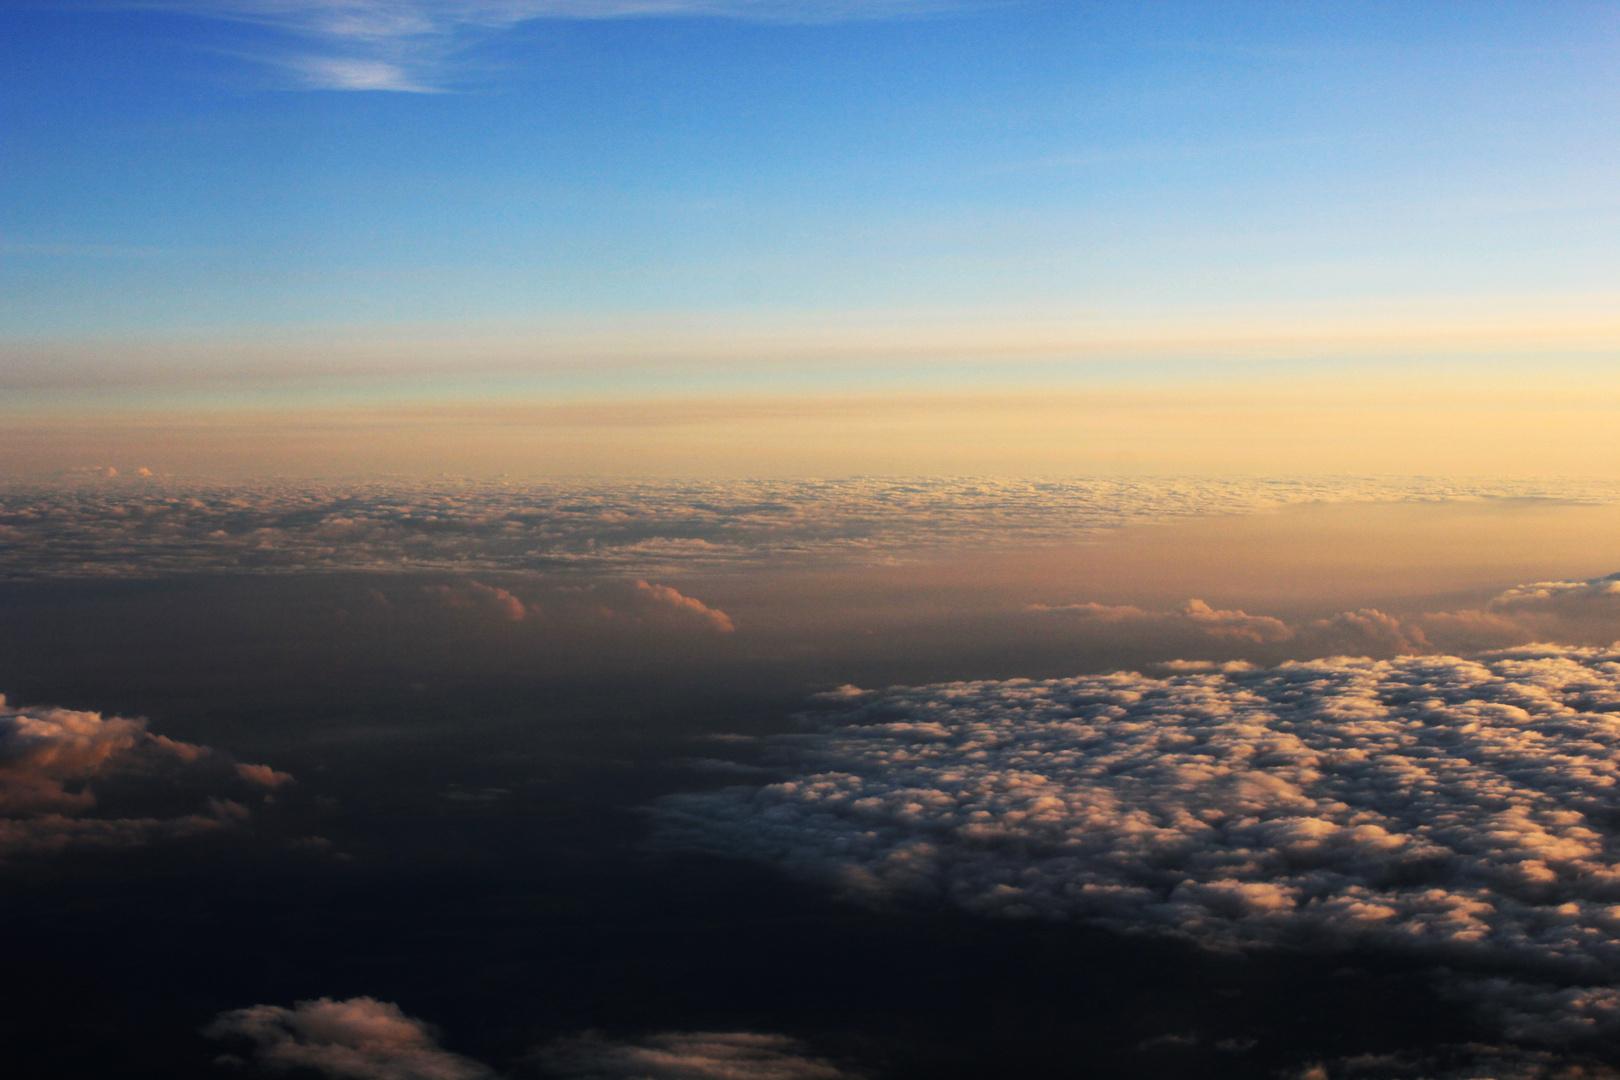 über den Wolken; Sonnenuntergang